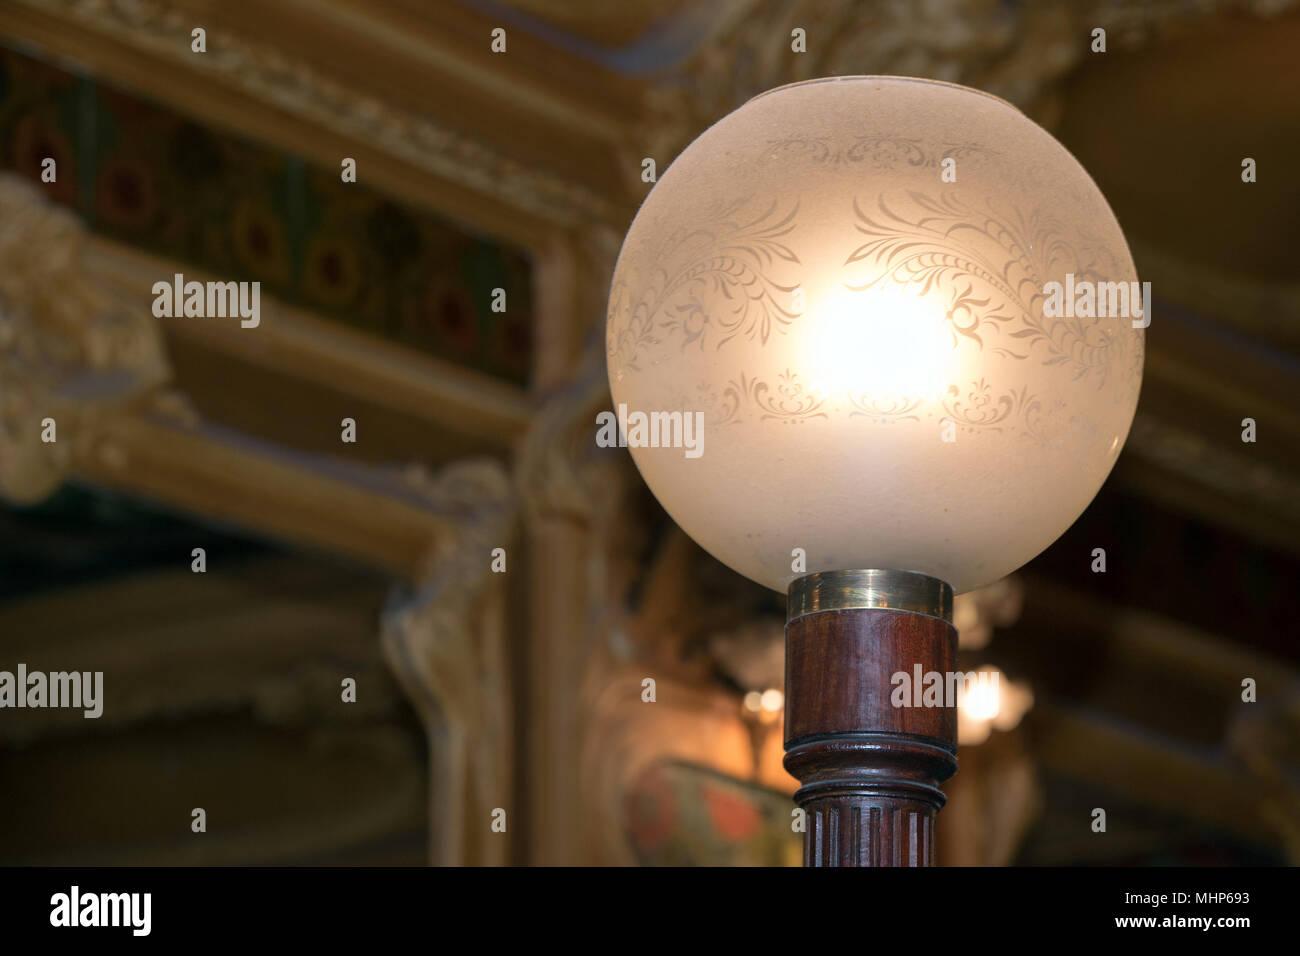 Isolato in stile liberty Lampada sferica Immagini Stock